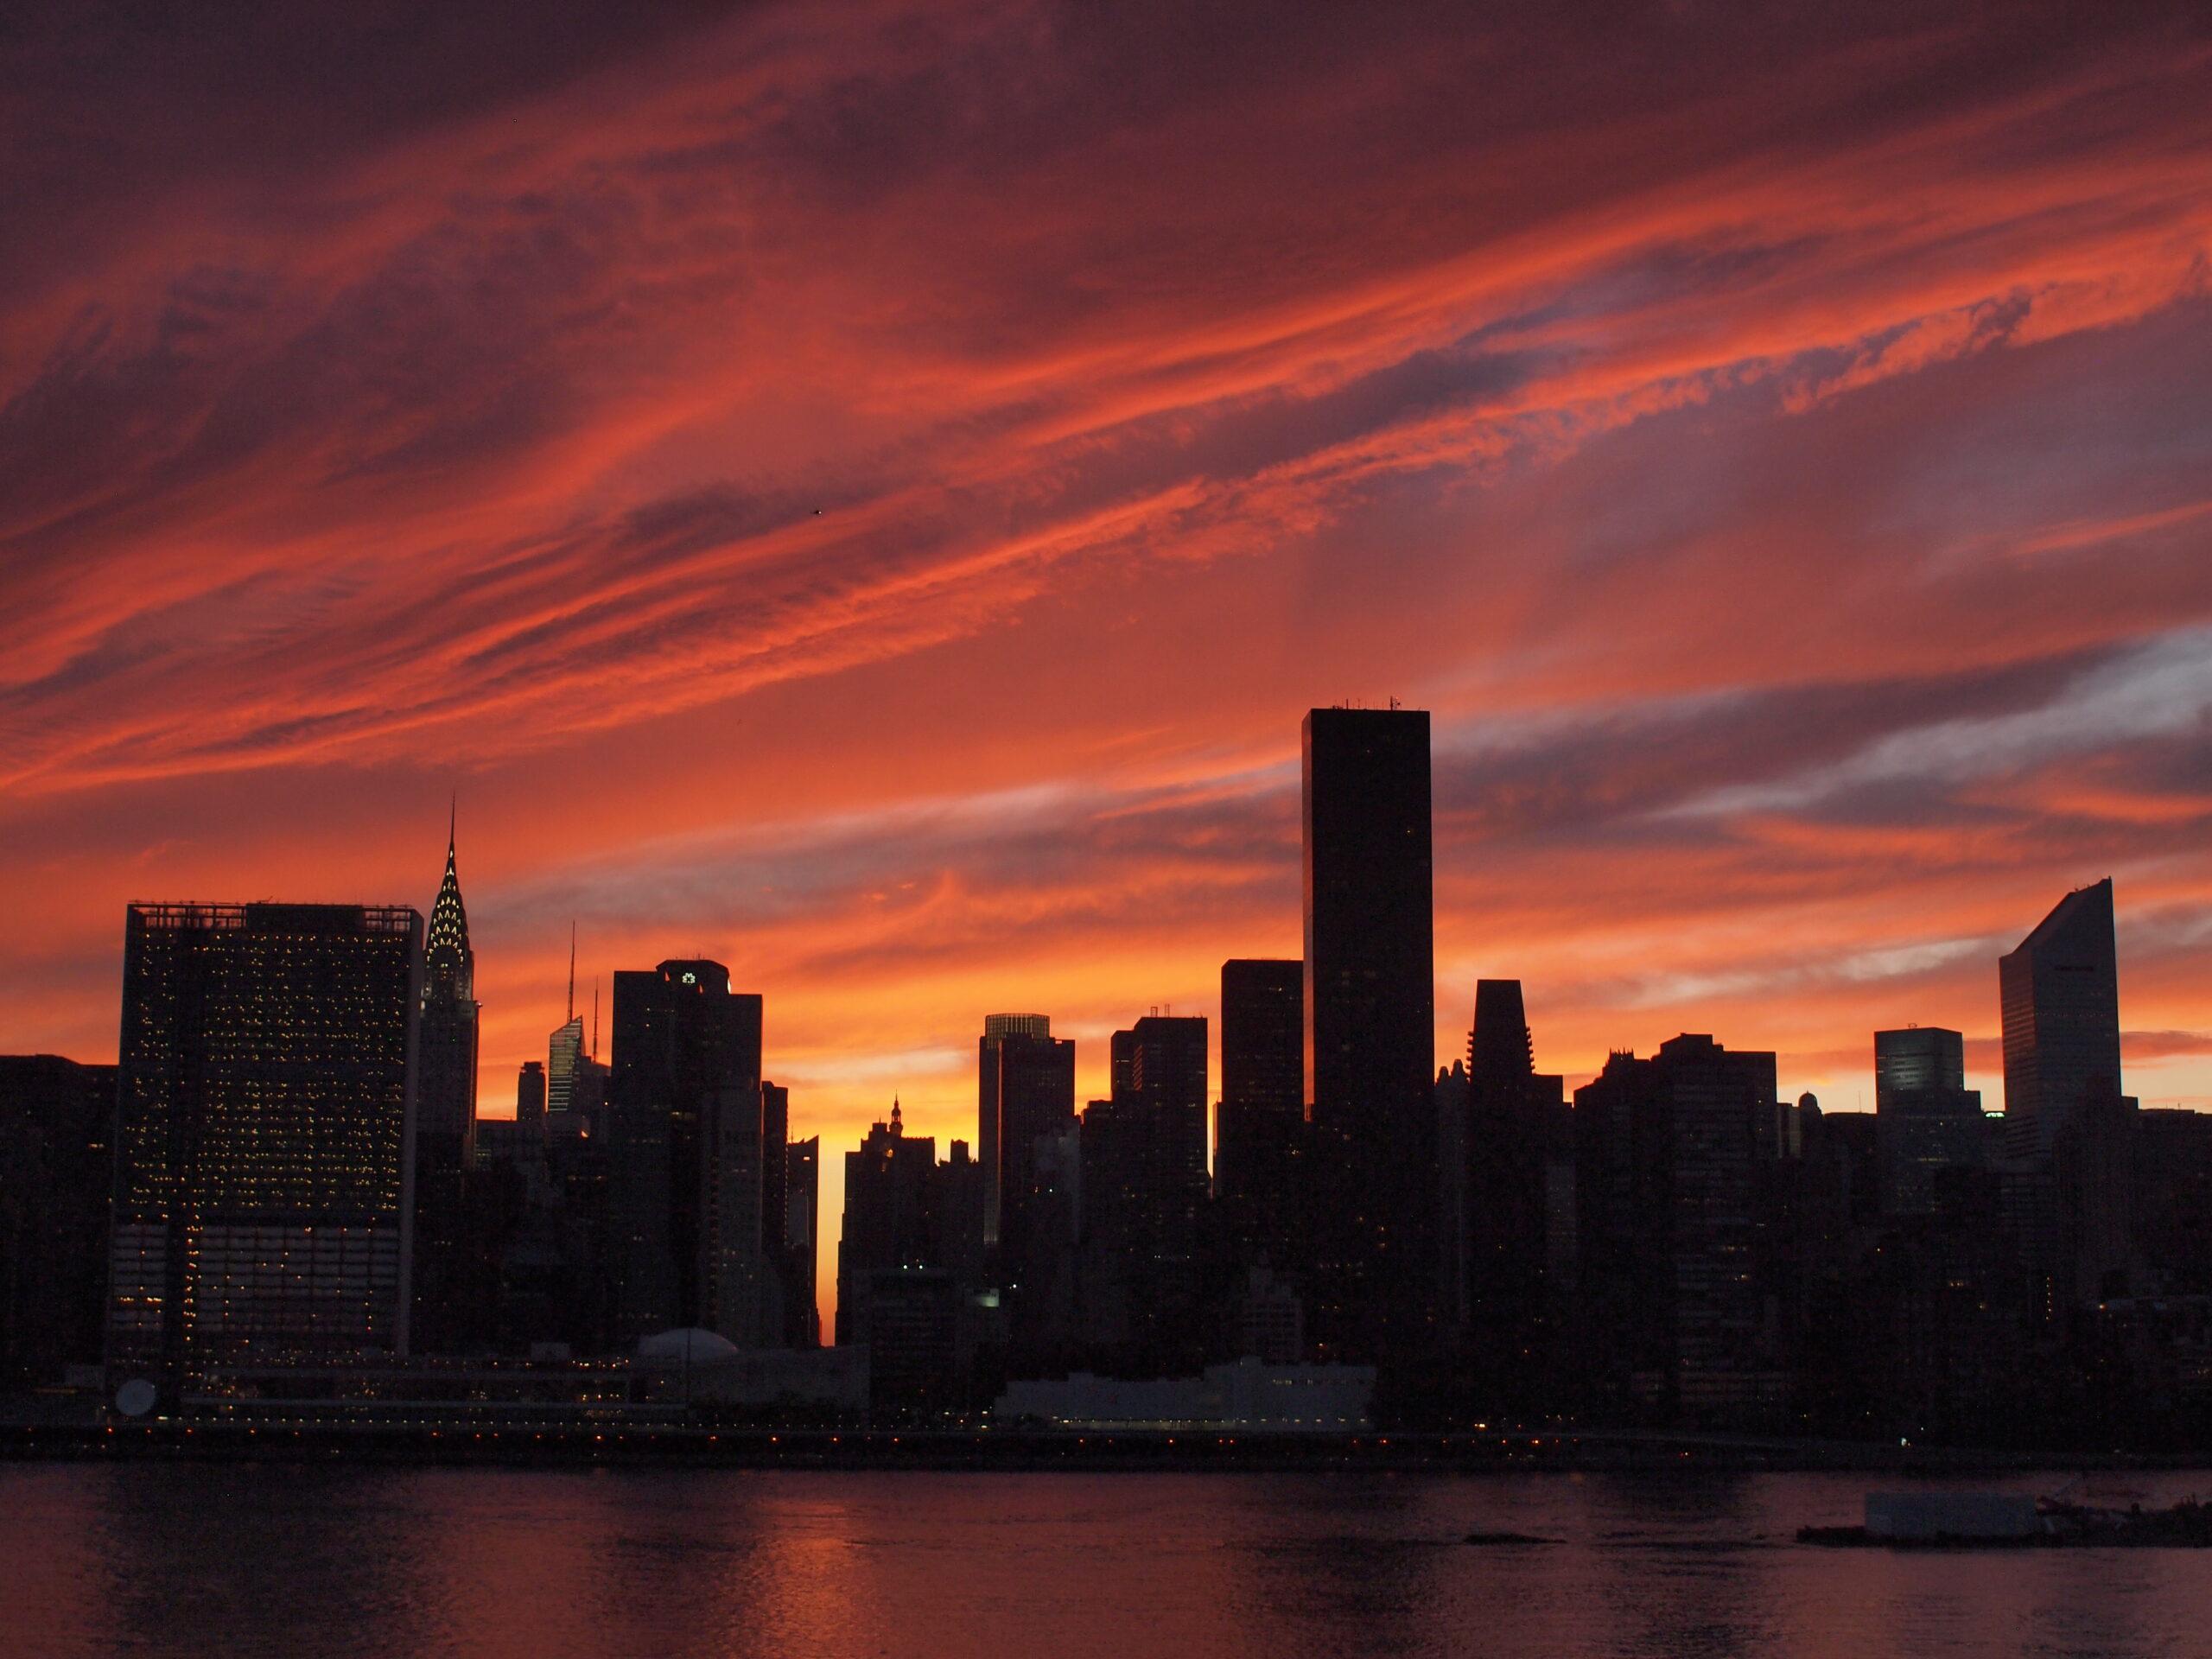 картинки города на закате дня смех